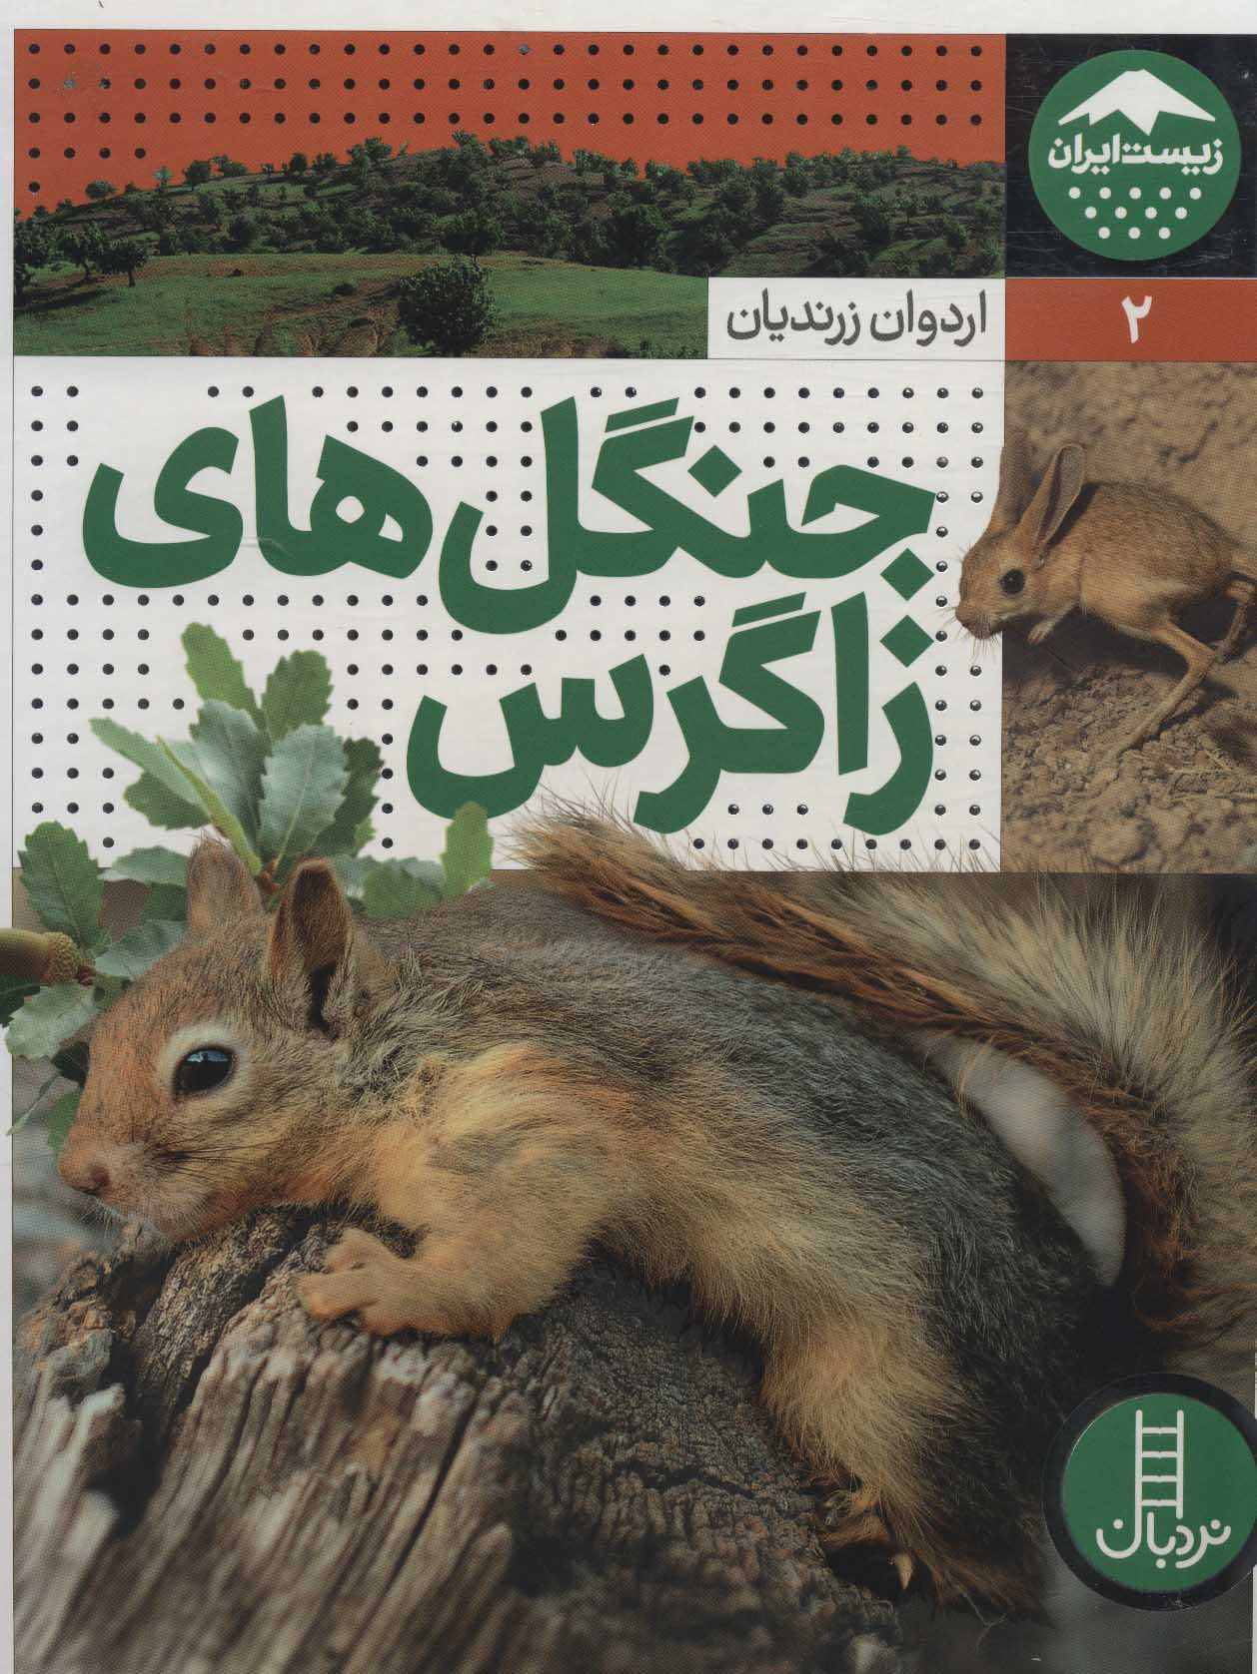 جنگل های زاگرس (زیست ایران 2)،(گلاسه)